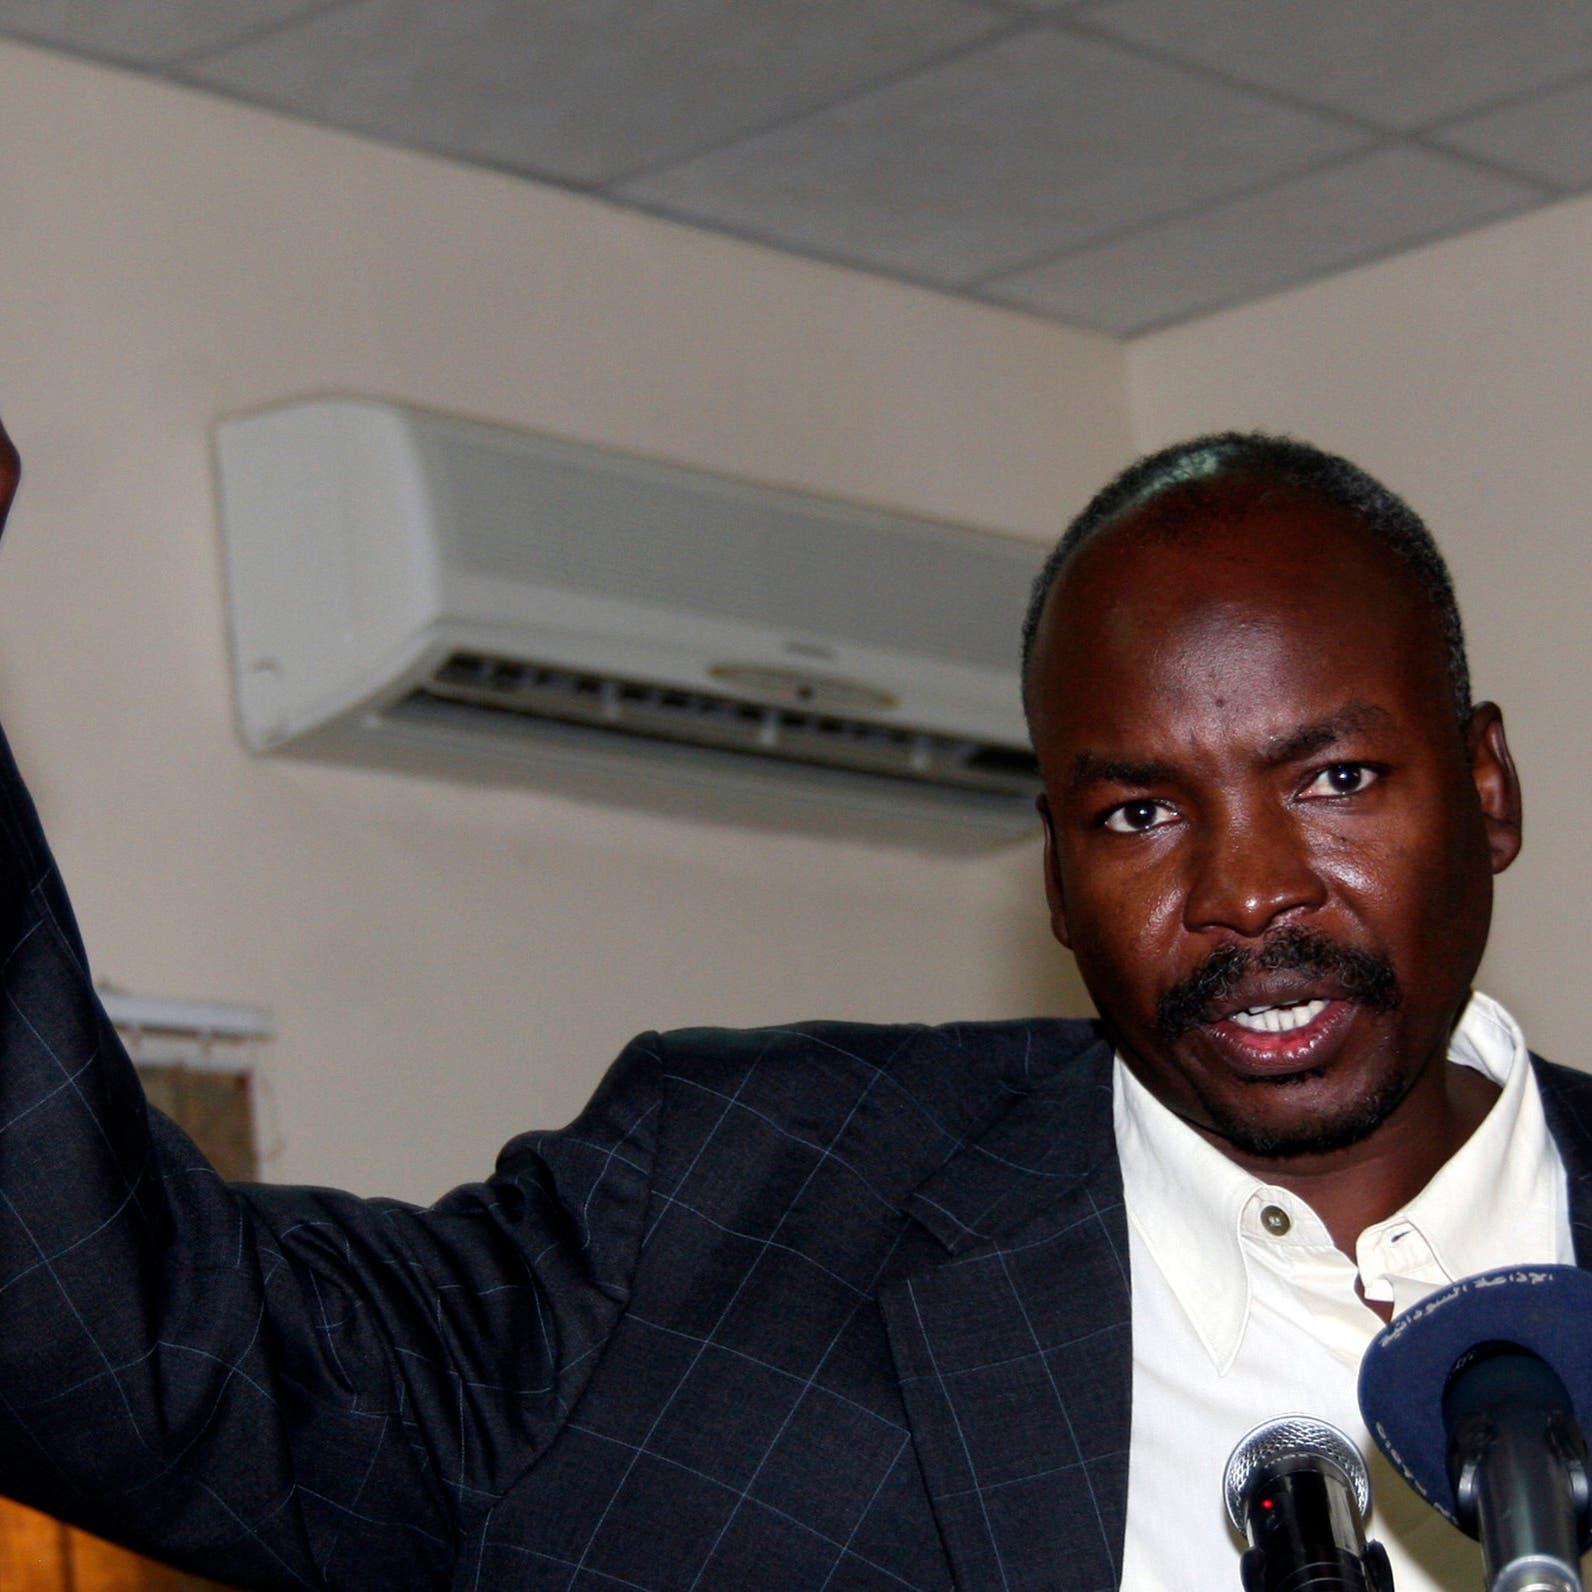 Omar al-Bashir ally would prefer ICC to Sudan court for Darfur trial